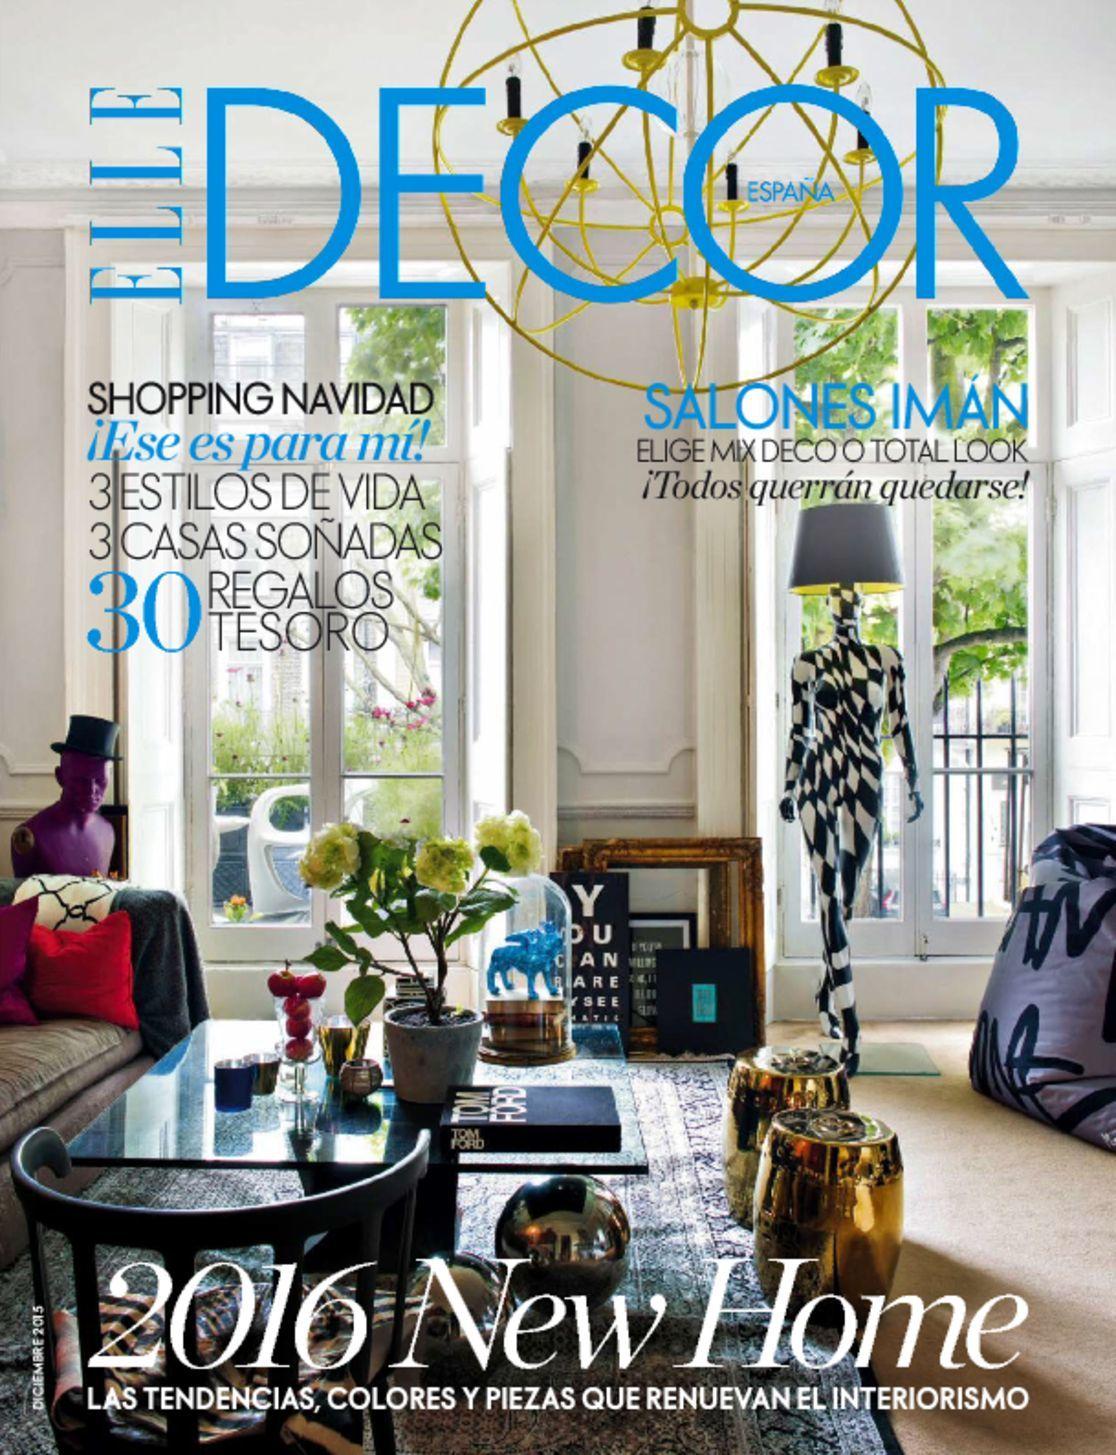 5667-elle-decor-Cover-2015-December-Issue.jpg